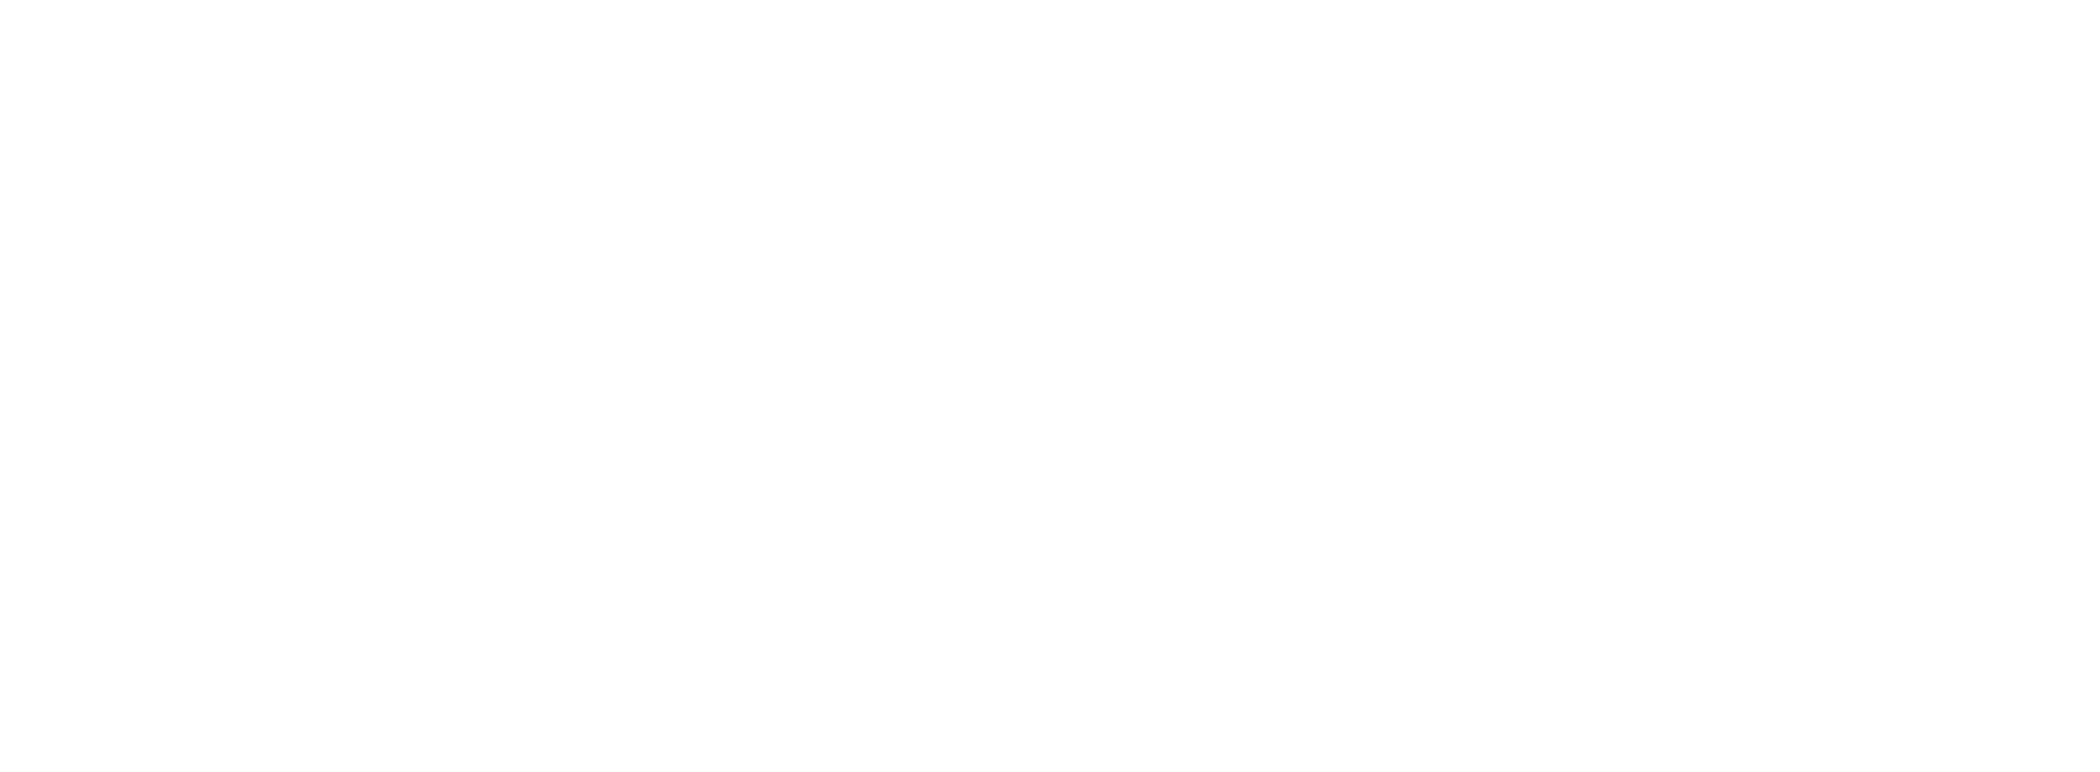 logo templateslogo store for popular amp creative logos